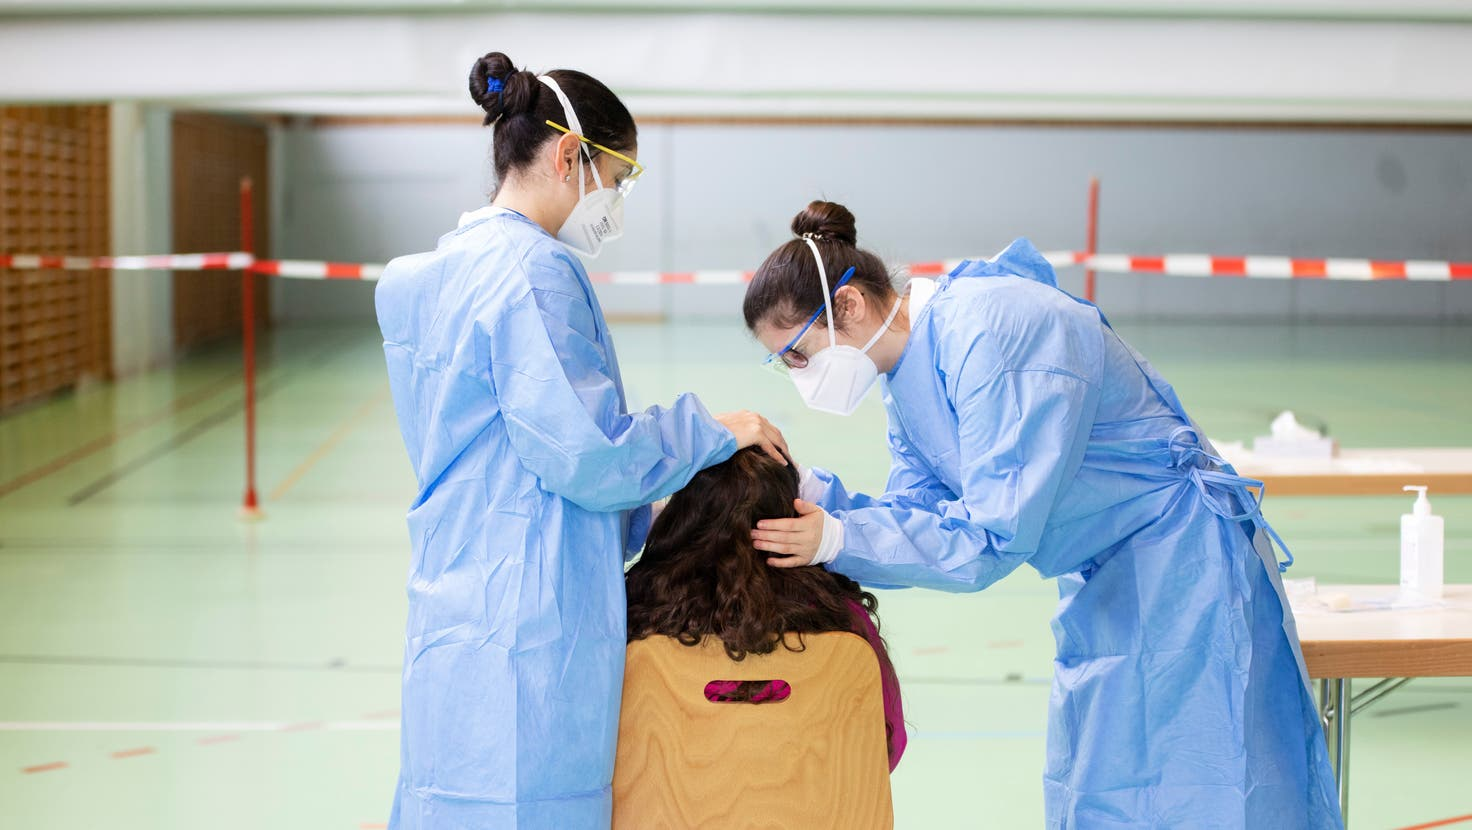 Ein Kind wird auf das Coronavirus getestet. (Symbolbild: Britta Gut)